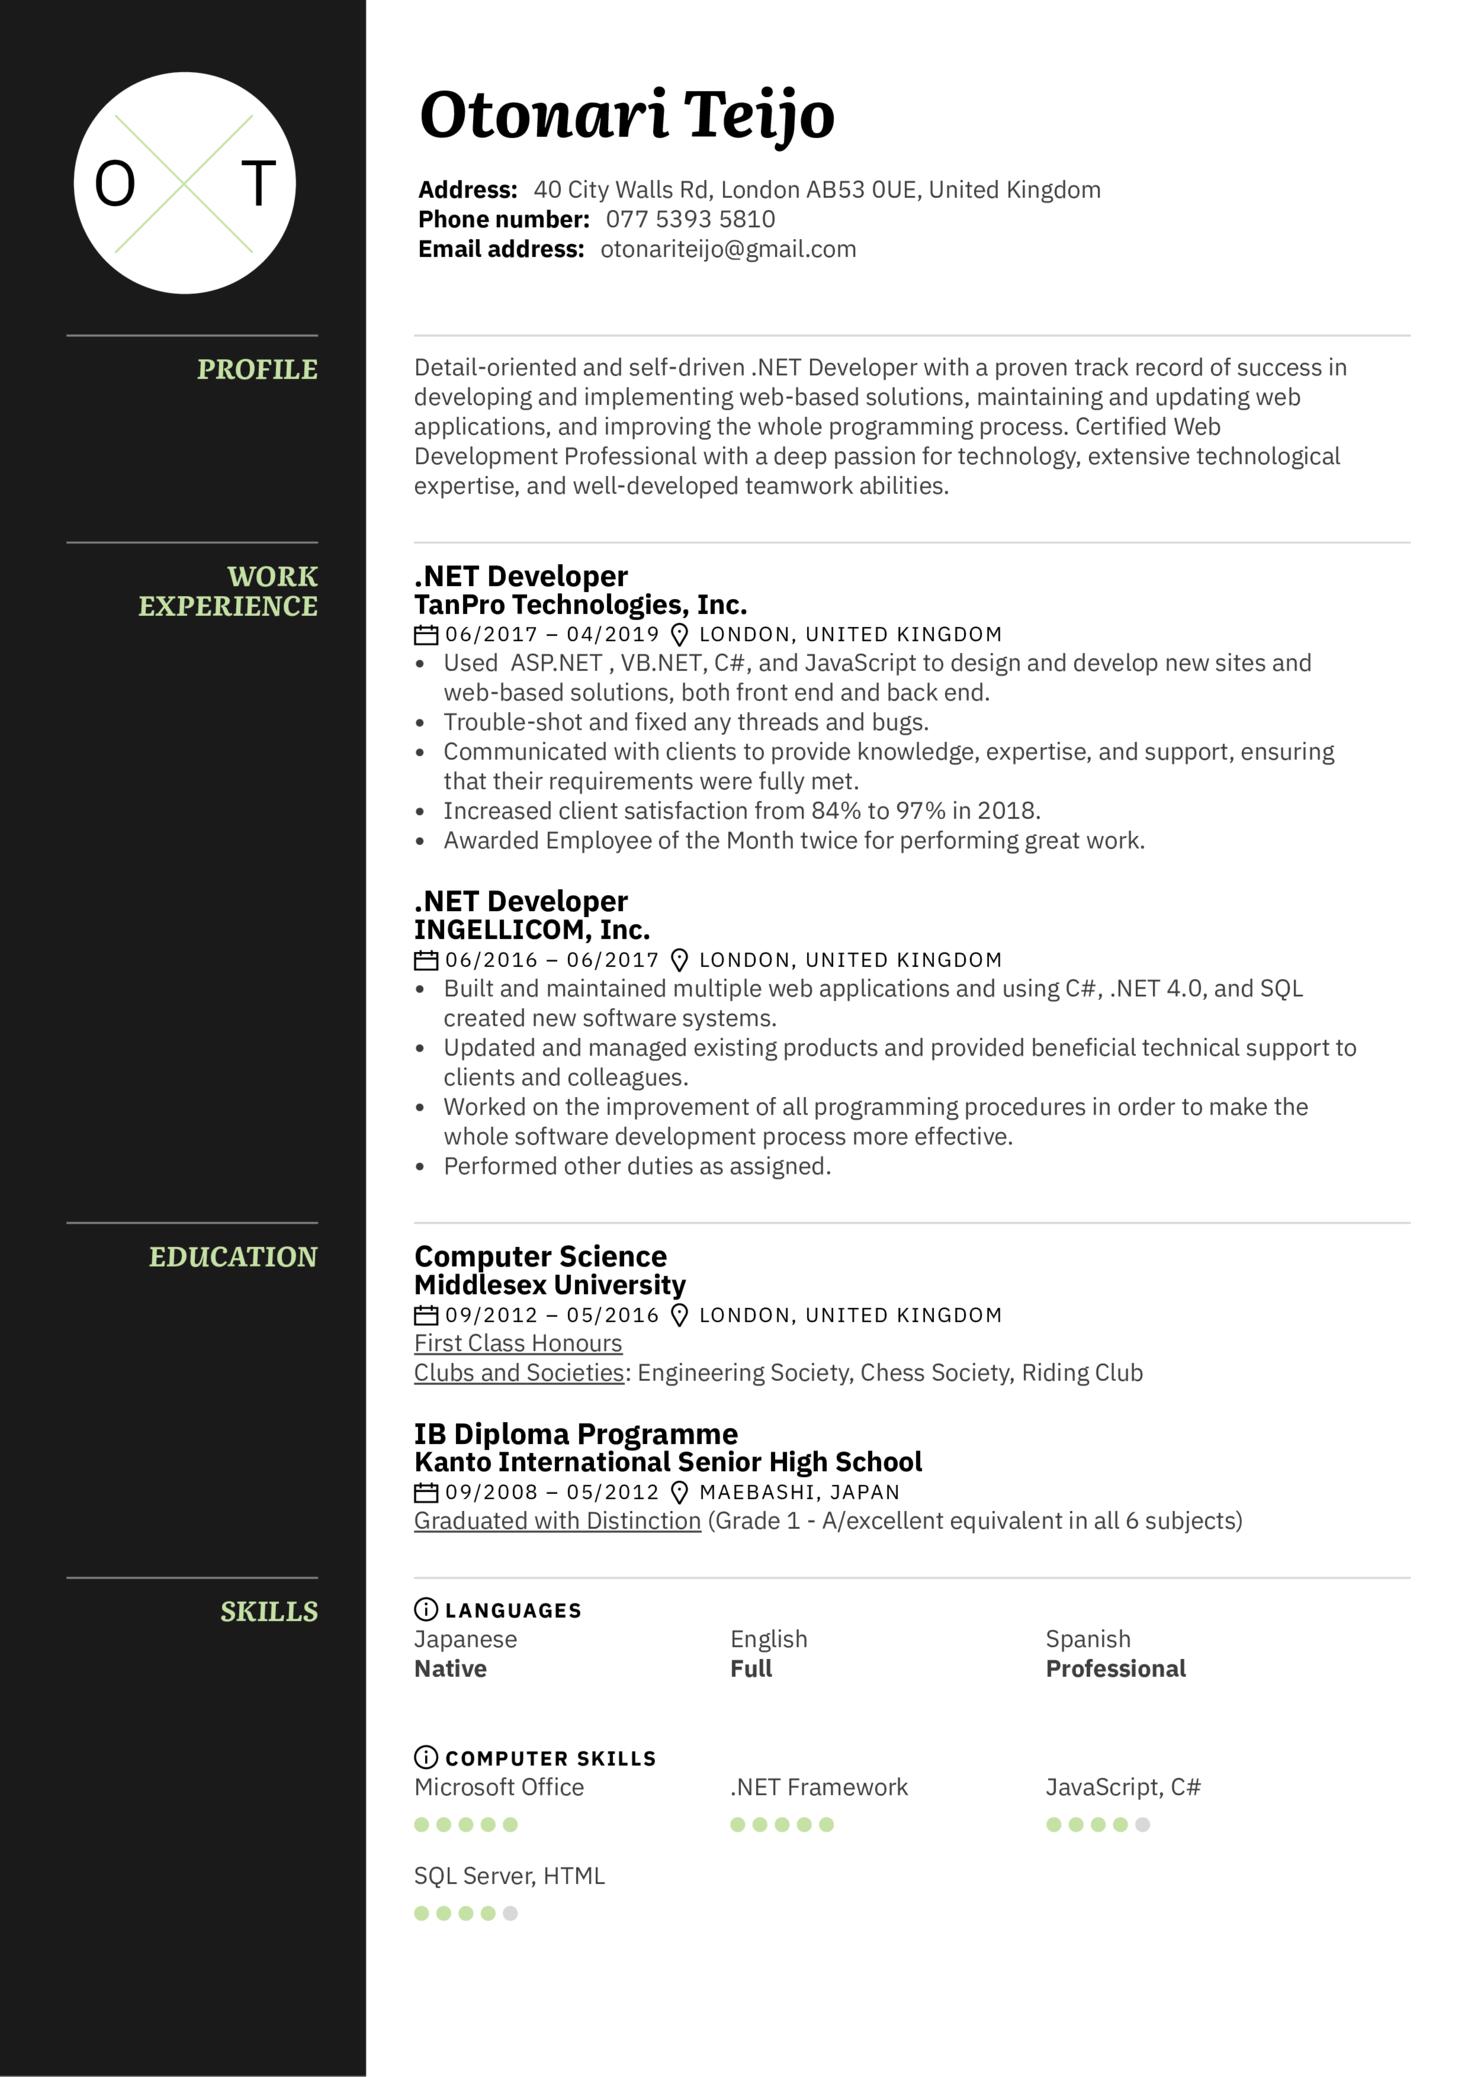 .NET Developer Resume Sample (Teil 1)